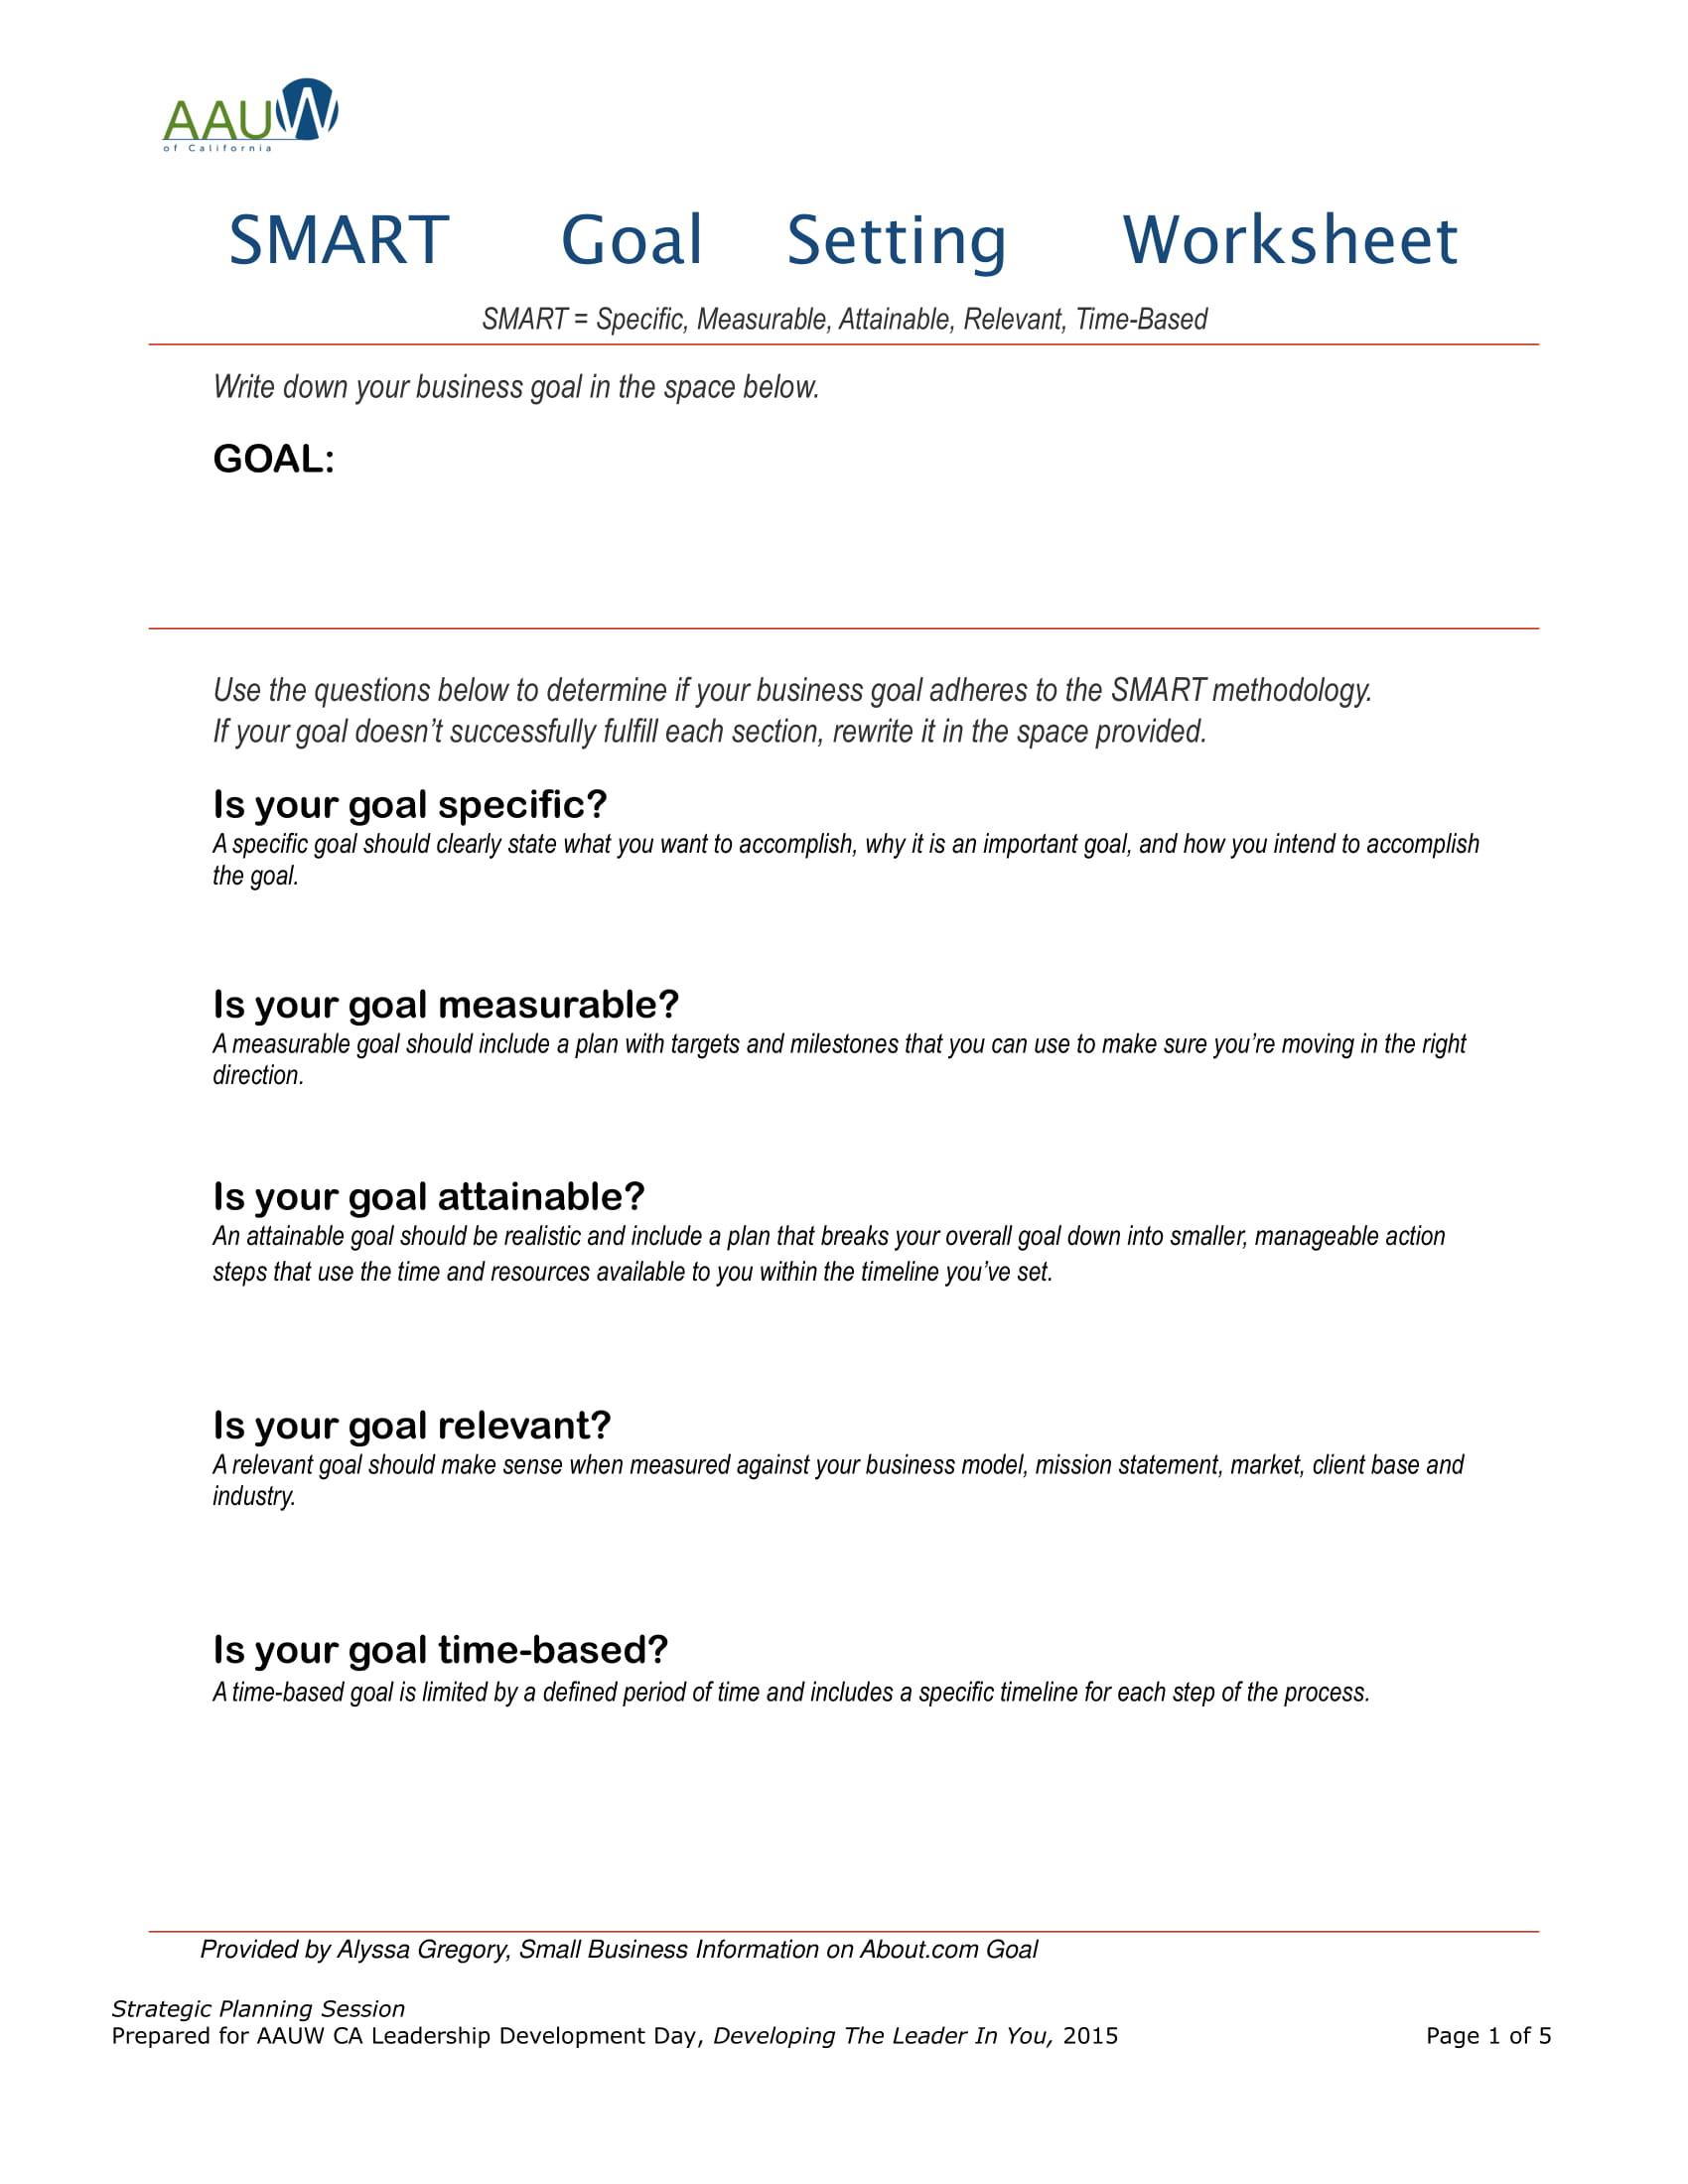 Nwea Goal Setting Worksheet Example